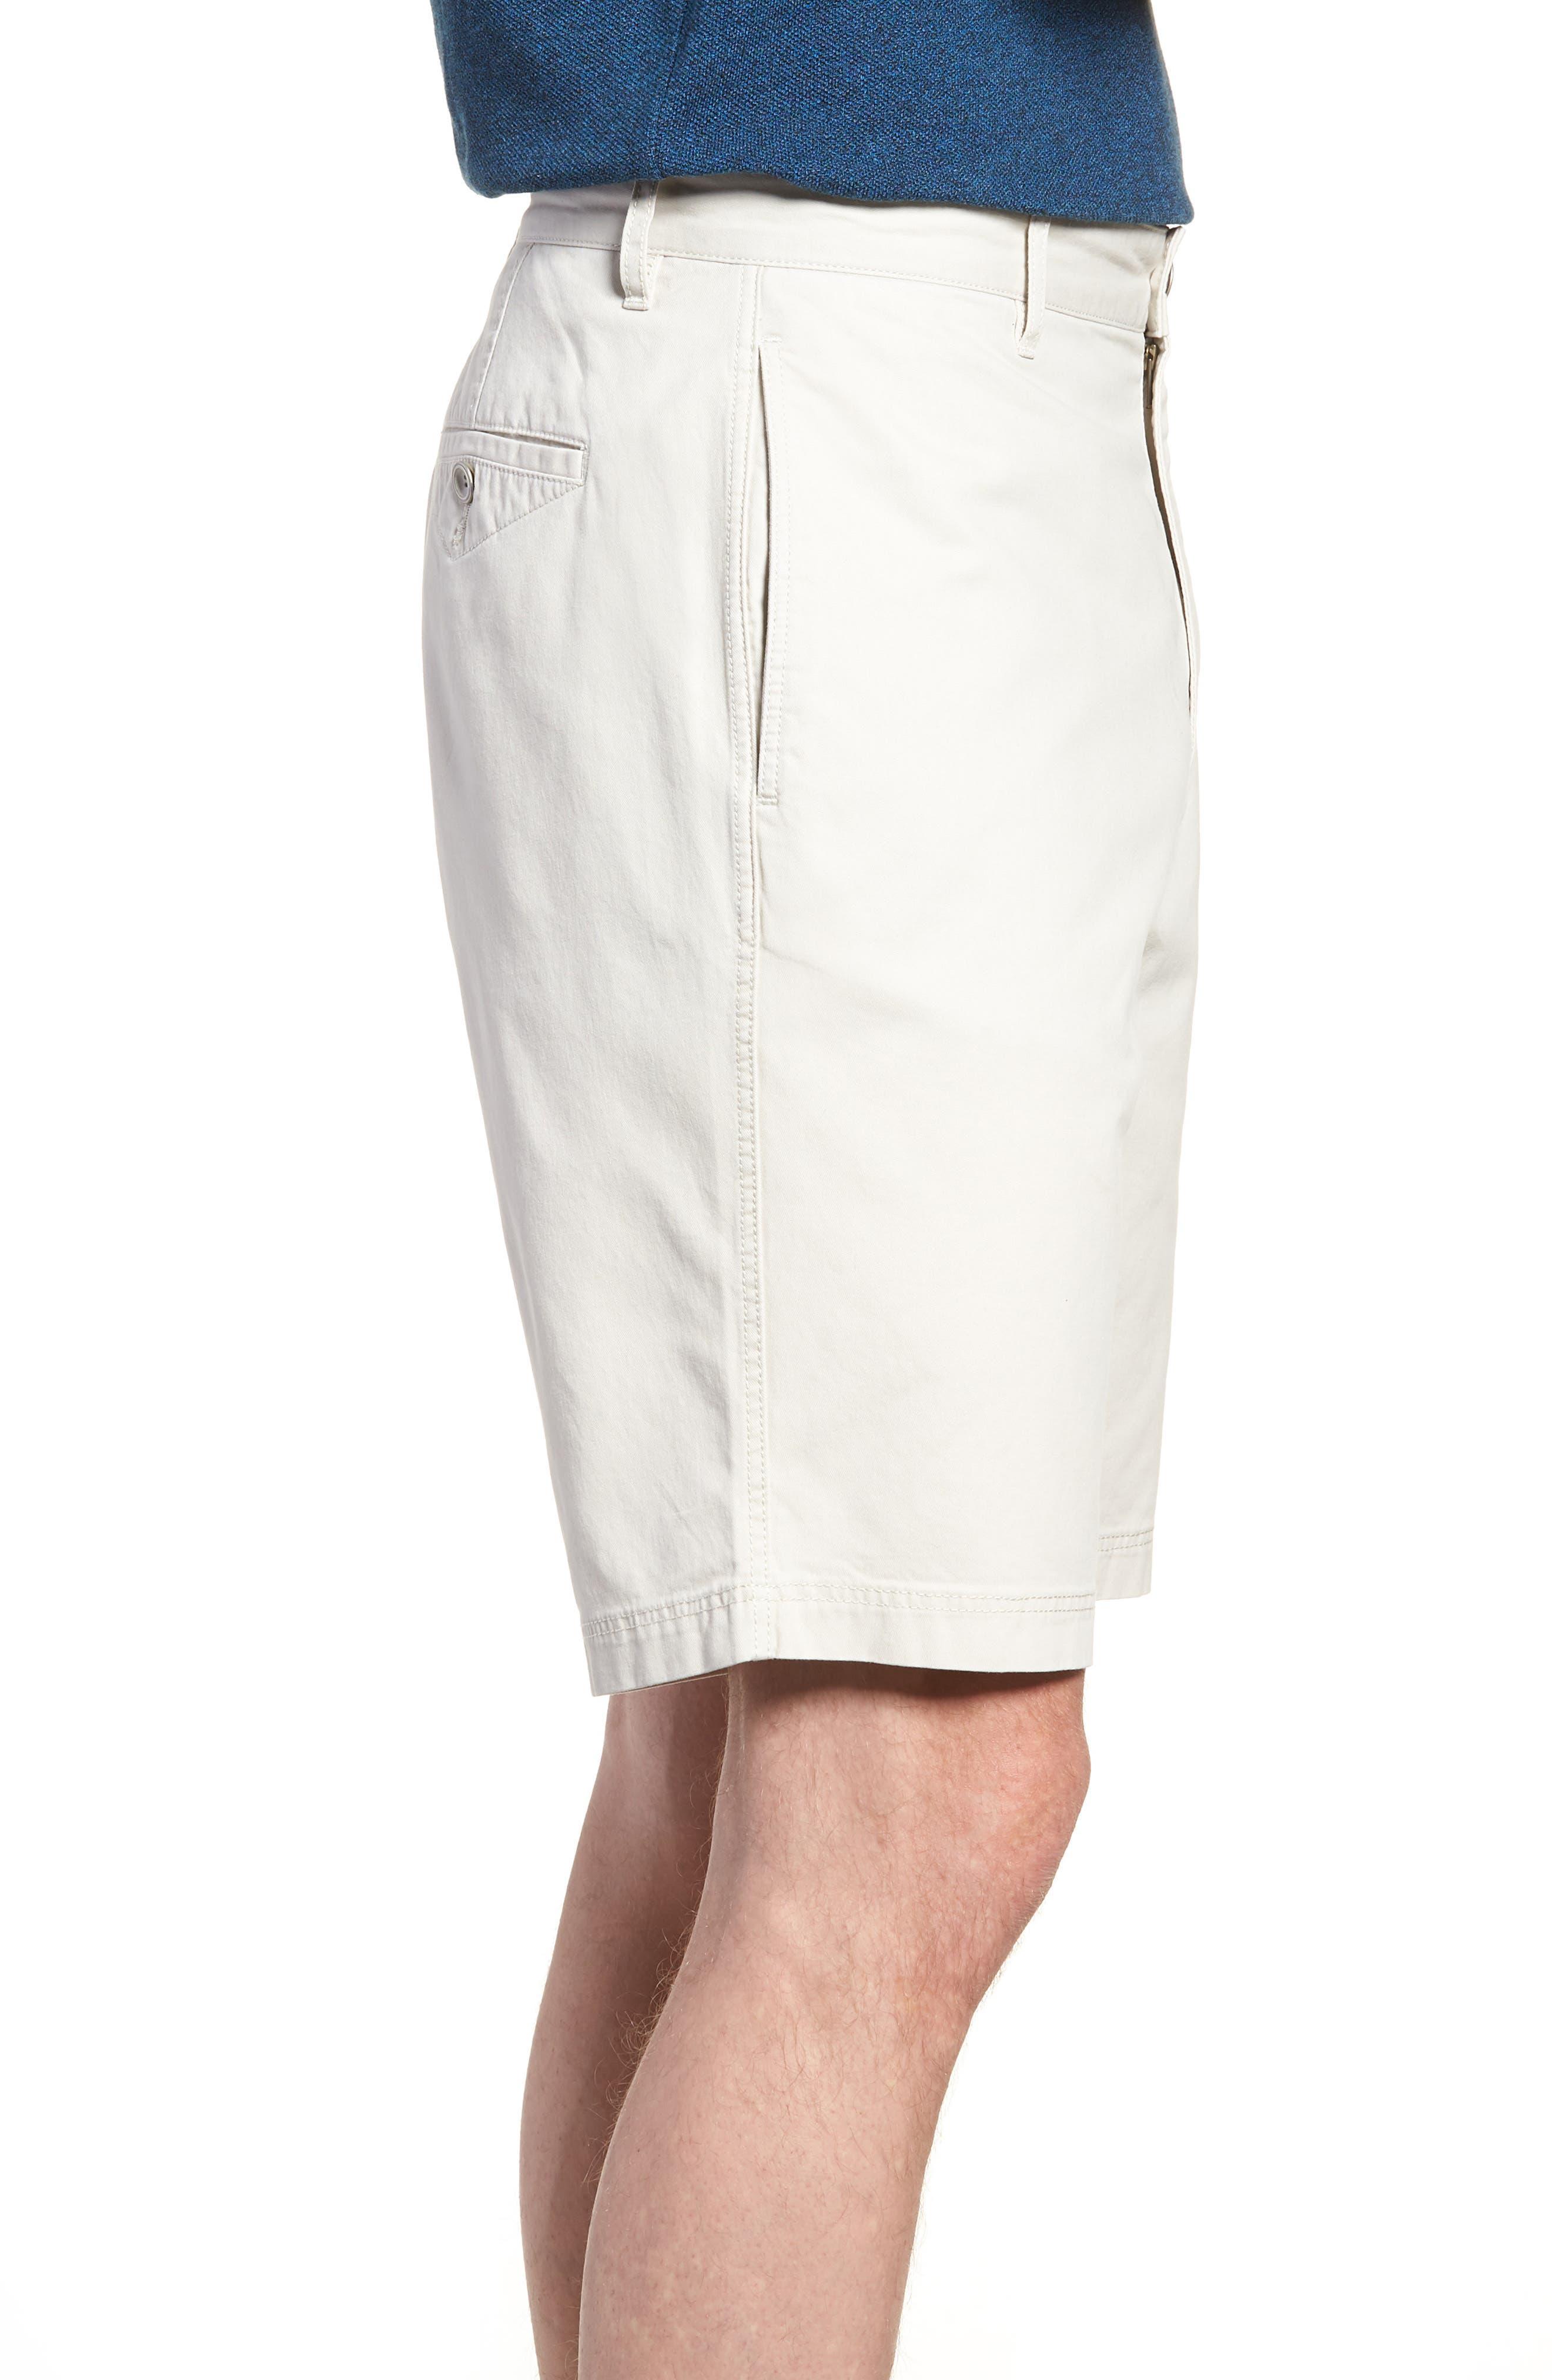 RODD & GUNN,                             Glenburn Shorts,                             Alternate thumbnail 3, color,                             261